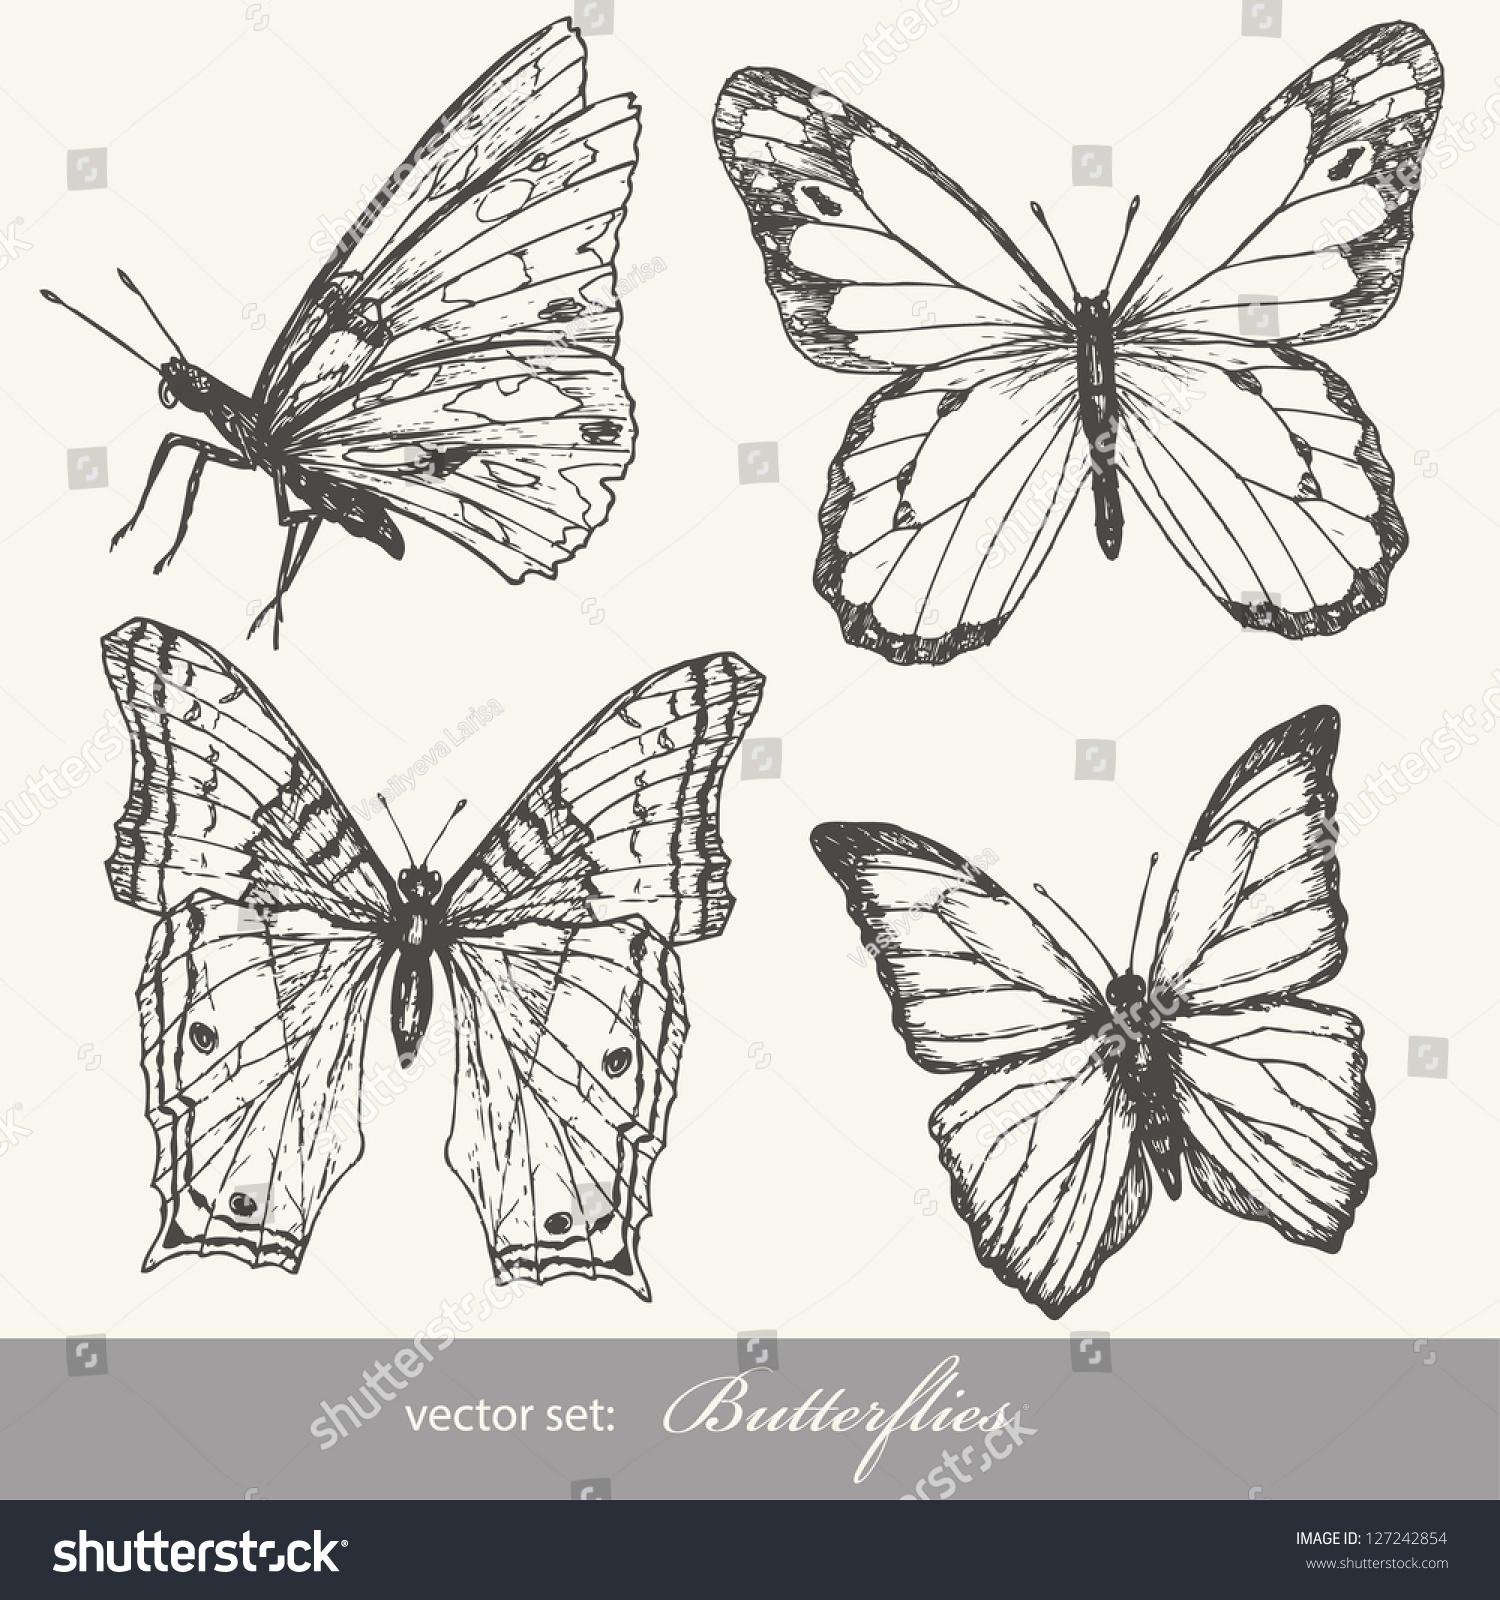 昆虫收集设计草图和剪贴簿.-动物/野生生物